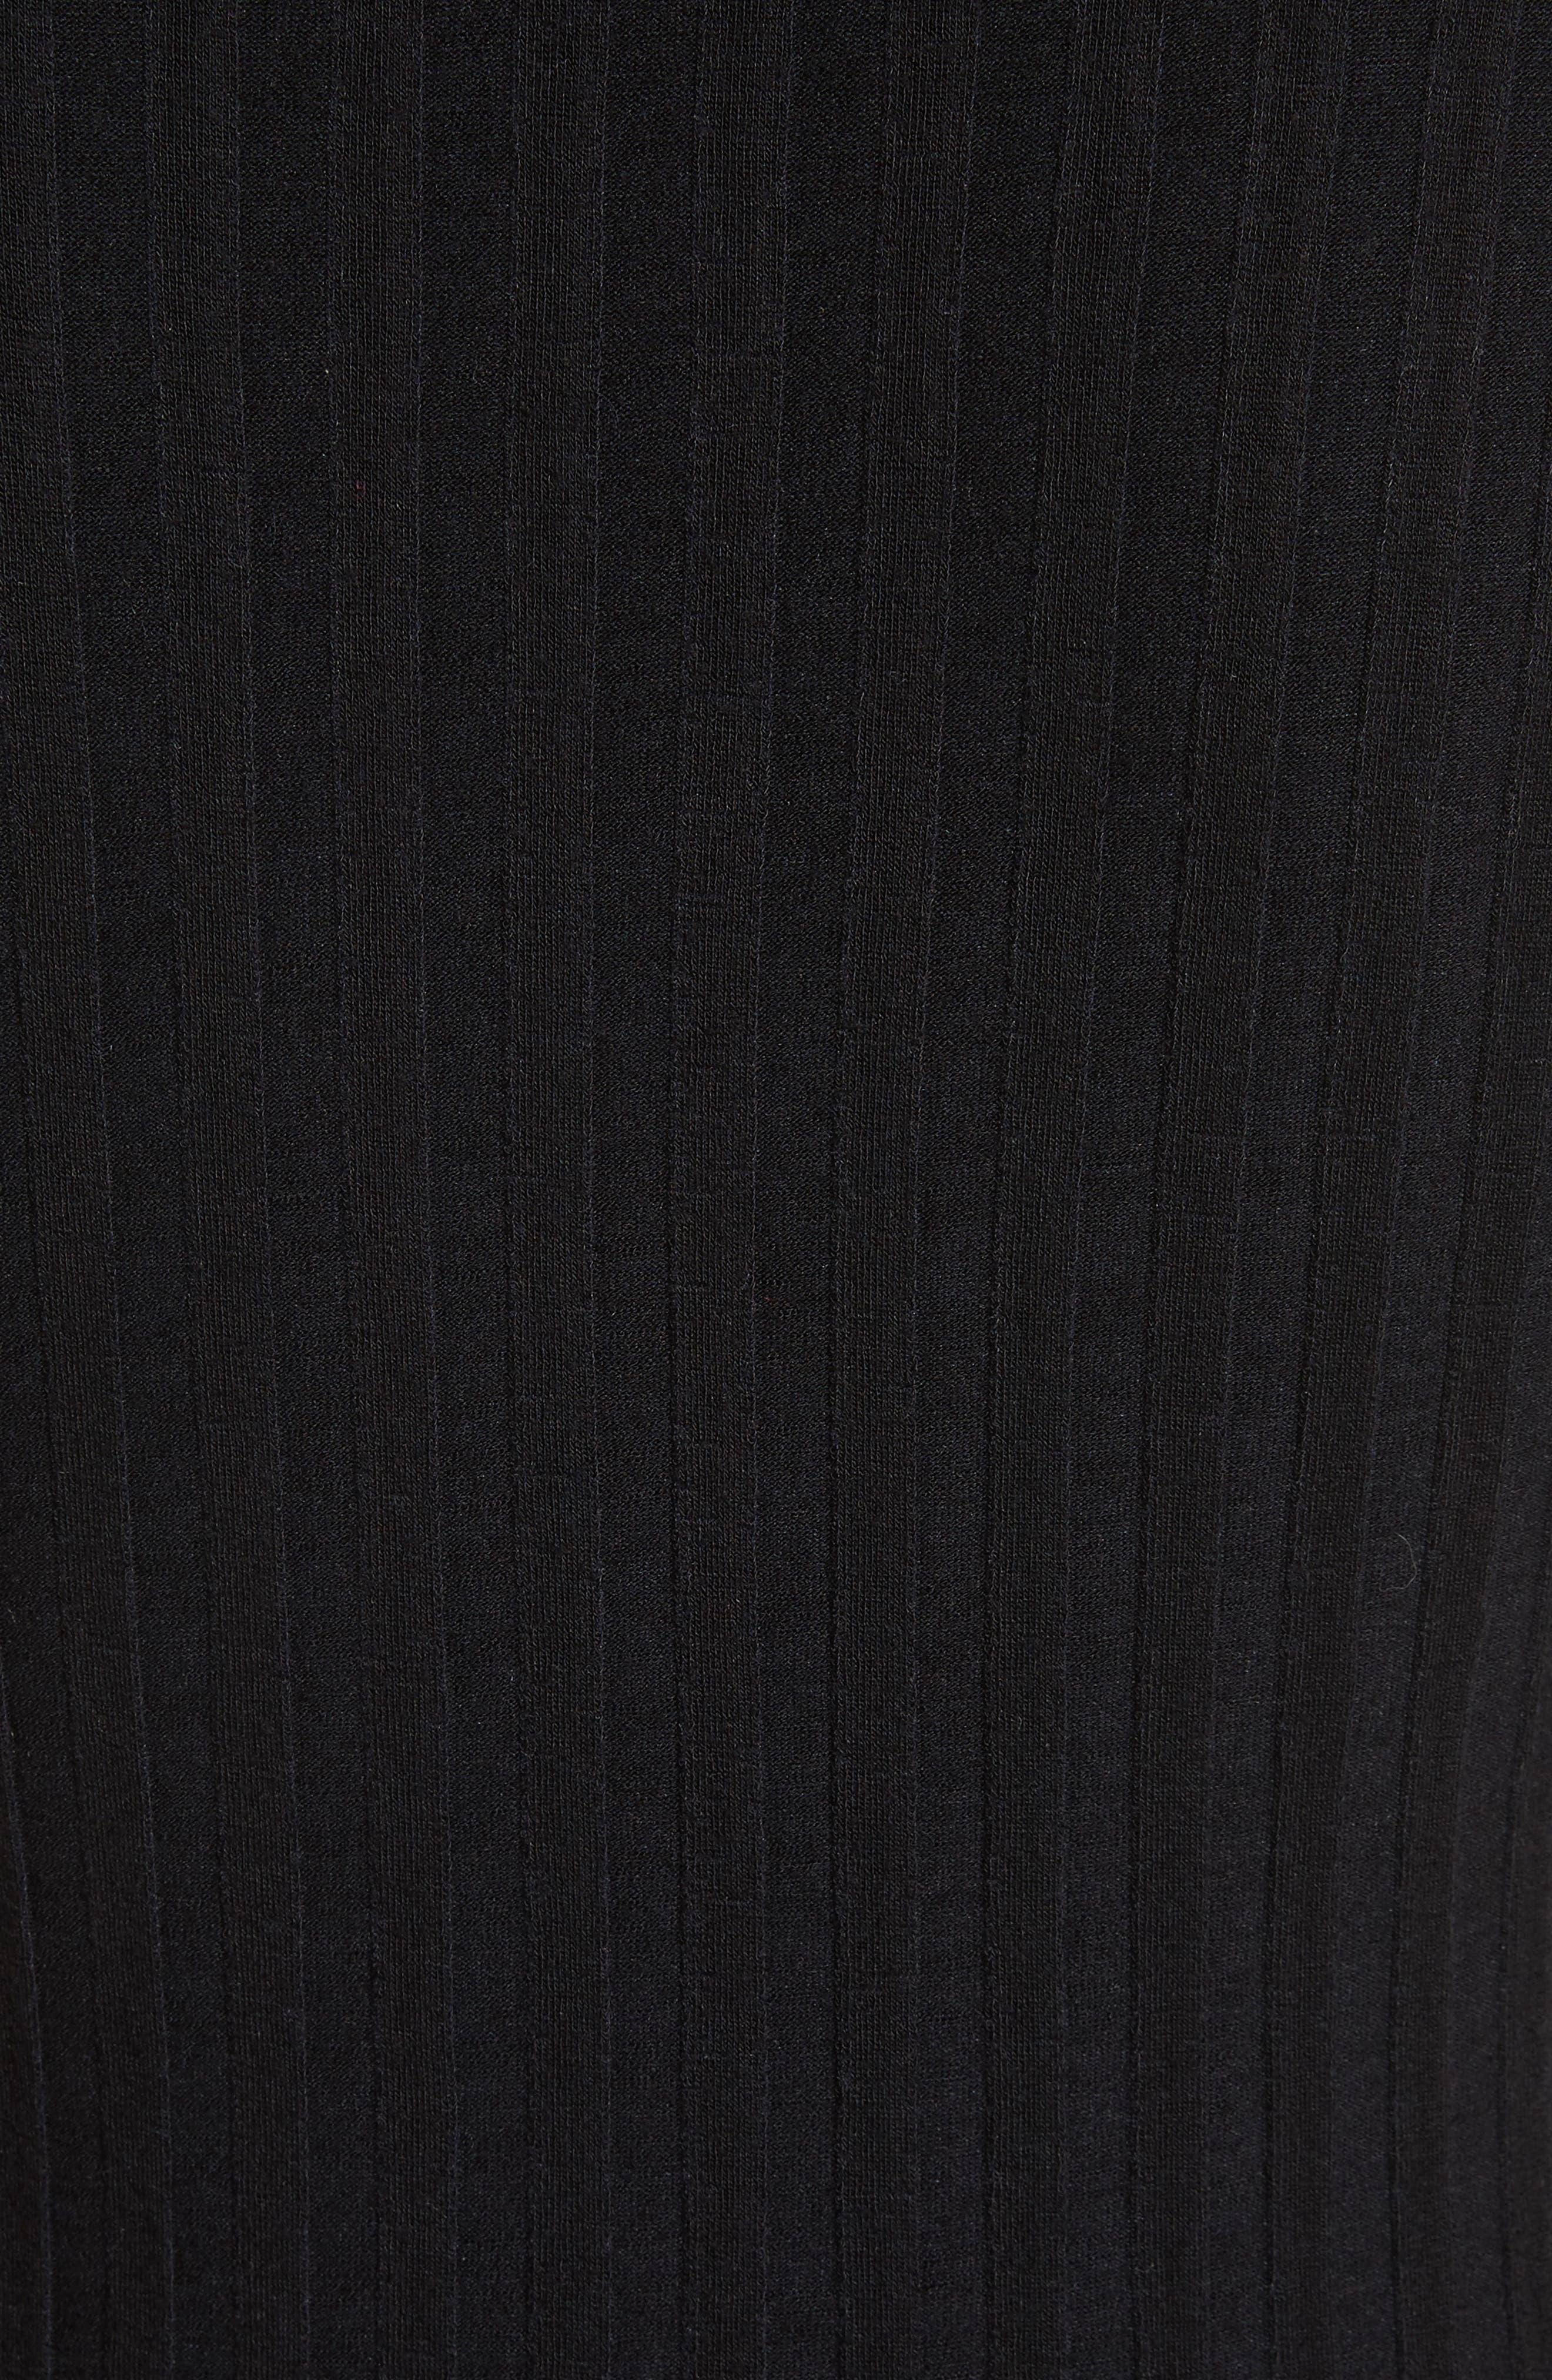 Preston Rib Knit Tee,                             Alternate thumbnail 3, color,                             Black